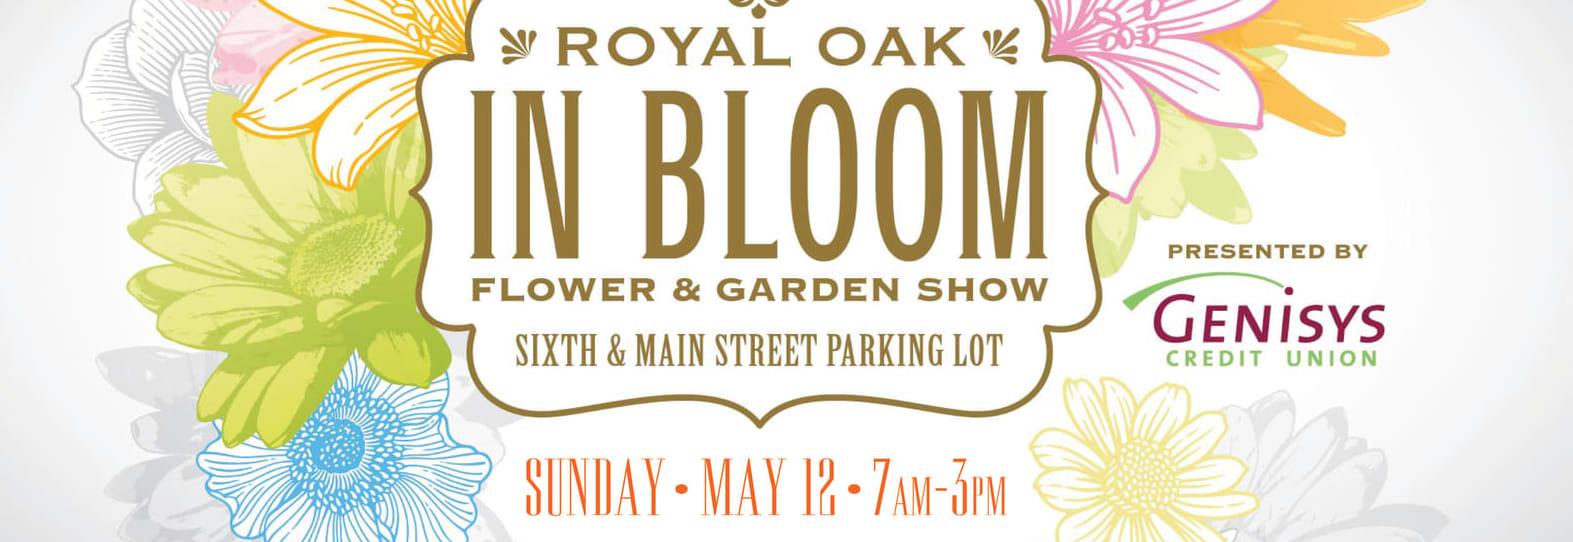 Royal-Oak-In-Bloom-2019-Banner-01-w1600-w1573.jpg